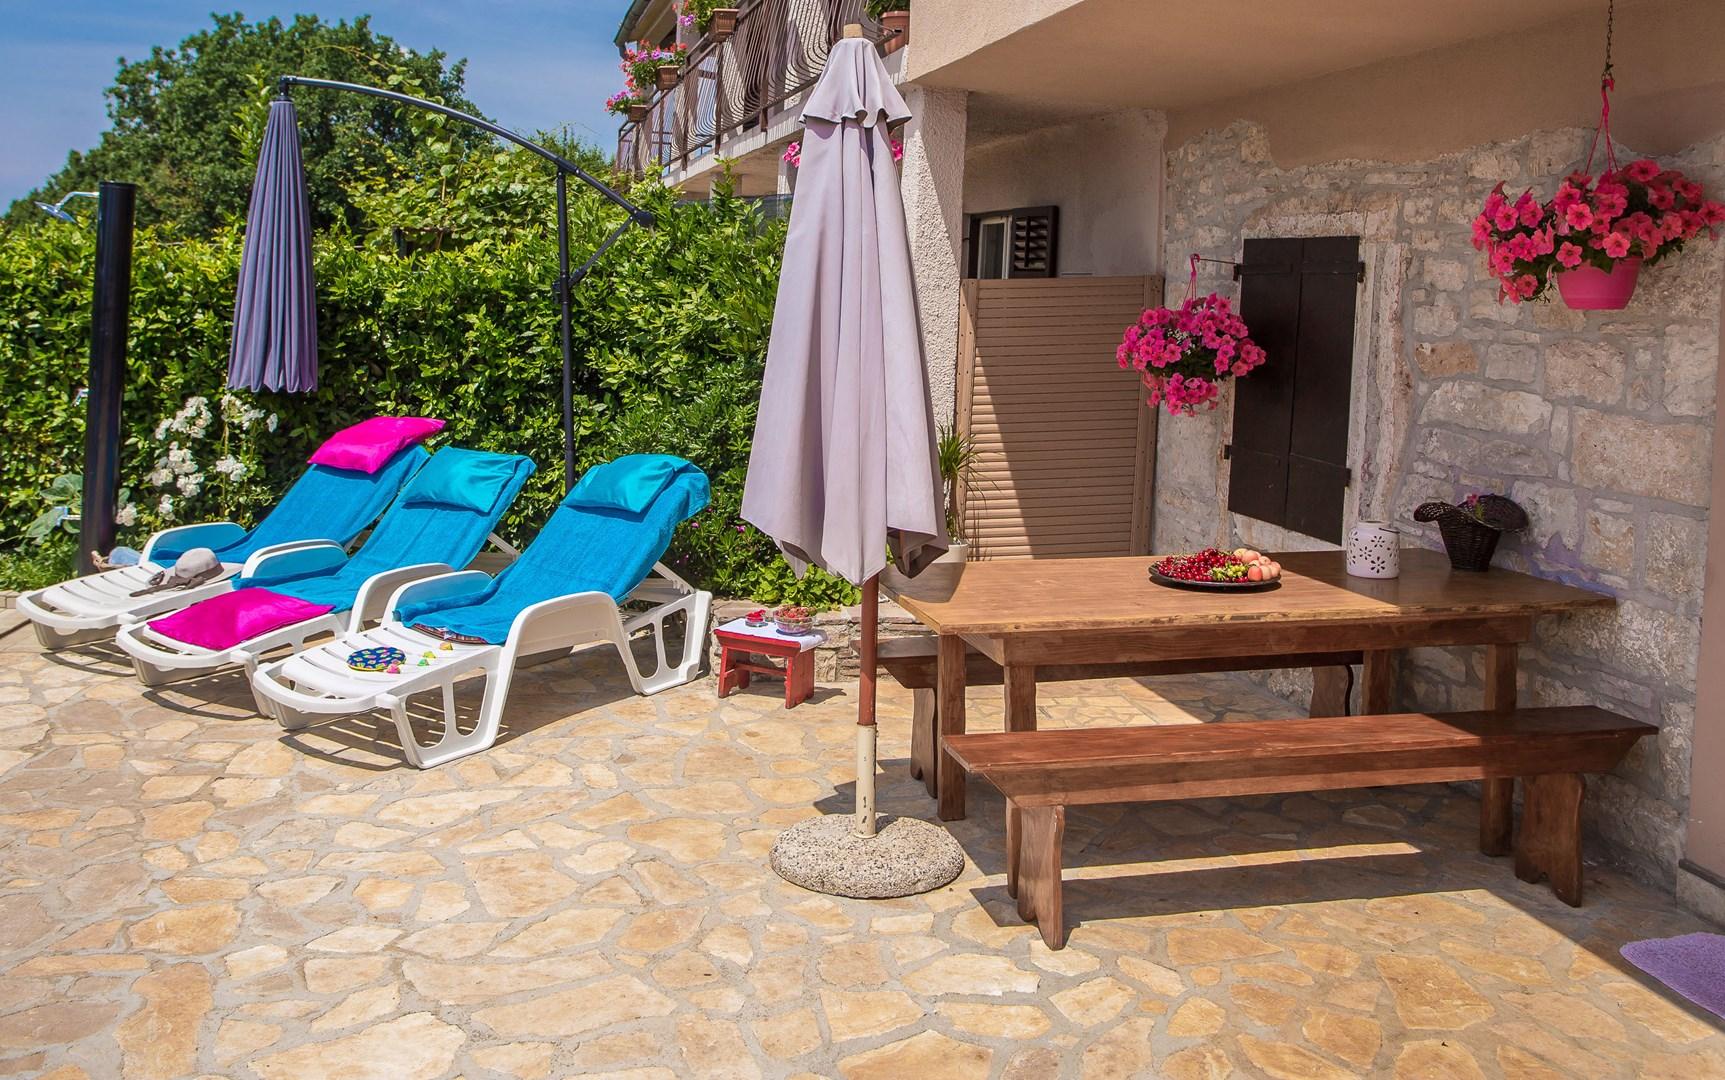 Ferienhaus Marinela mit privatem Pool (1412599), Kanfanar, , Istrien, Kroatien, Bild 2